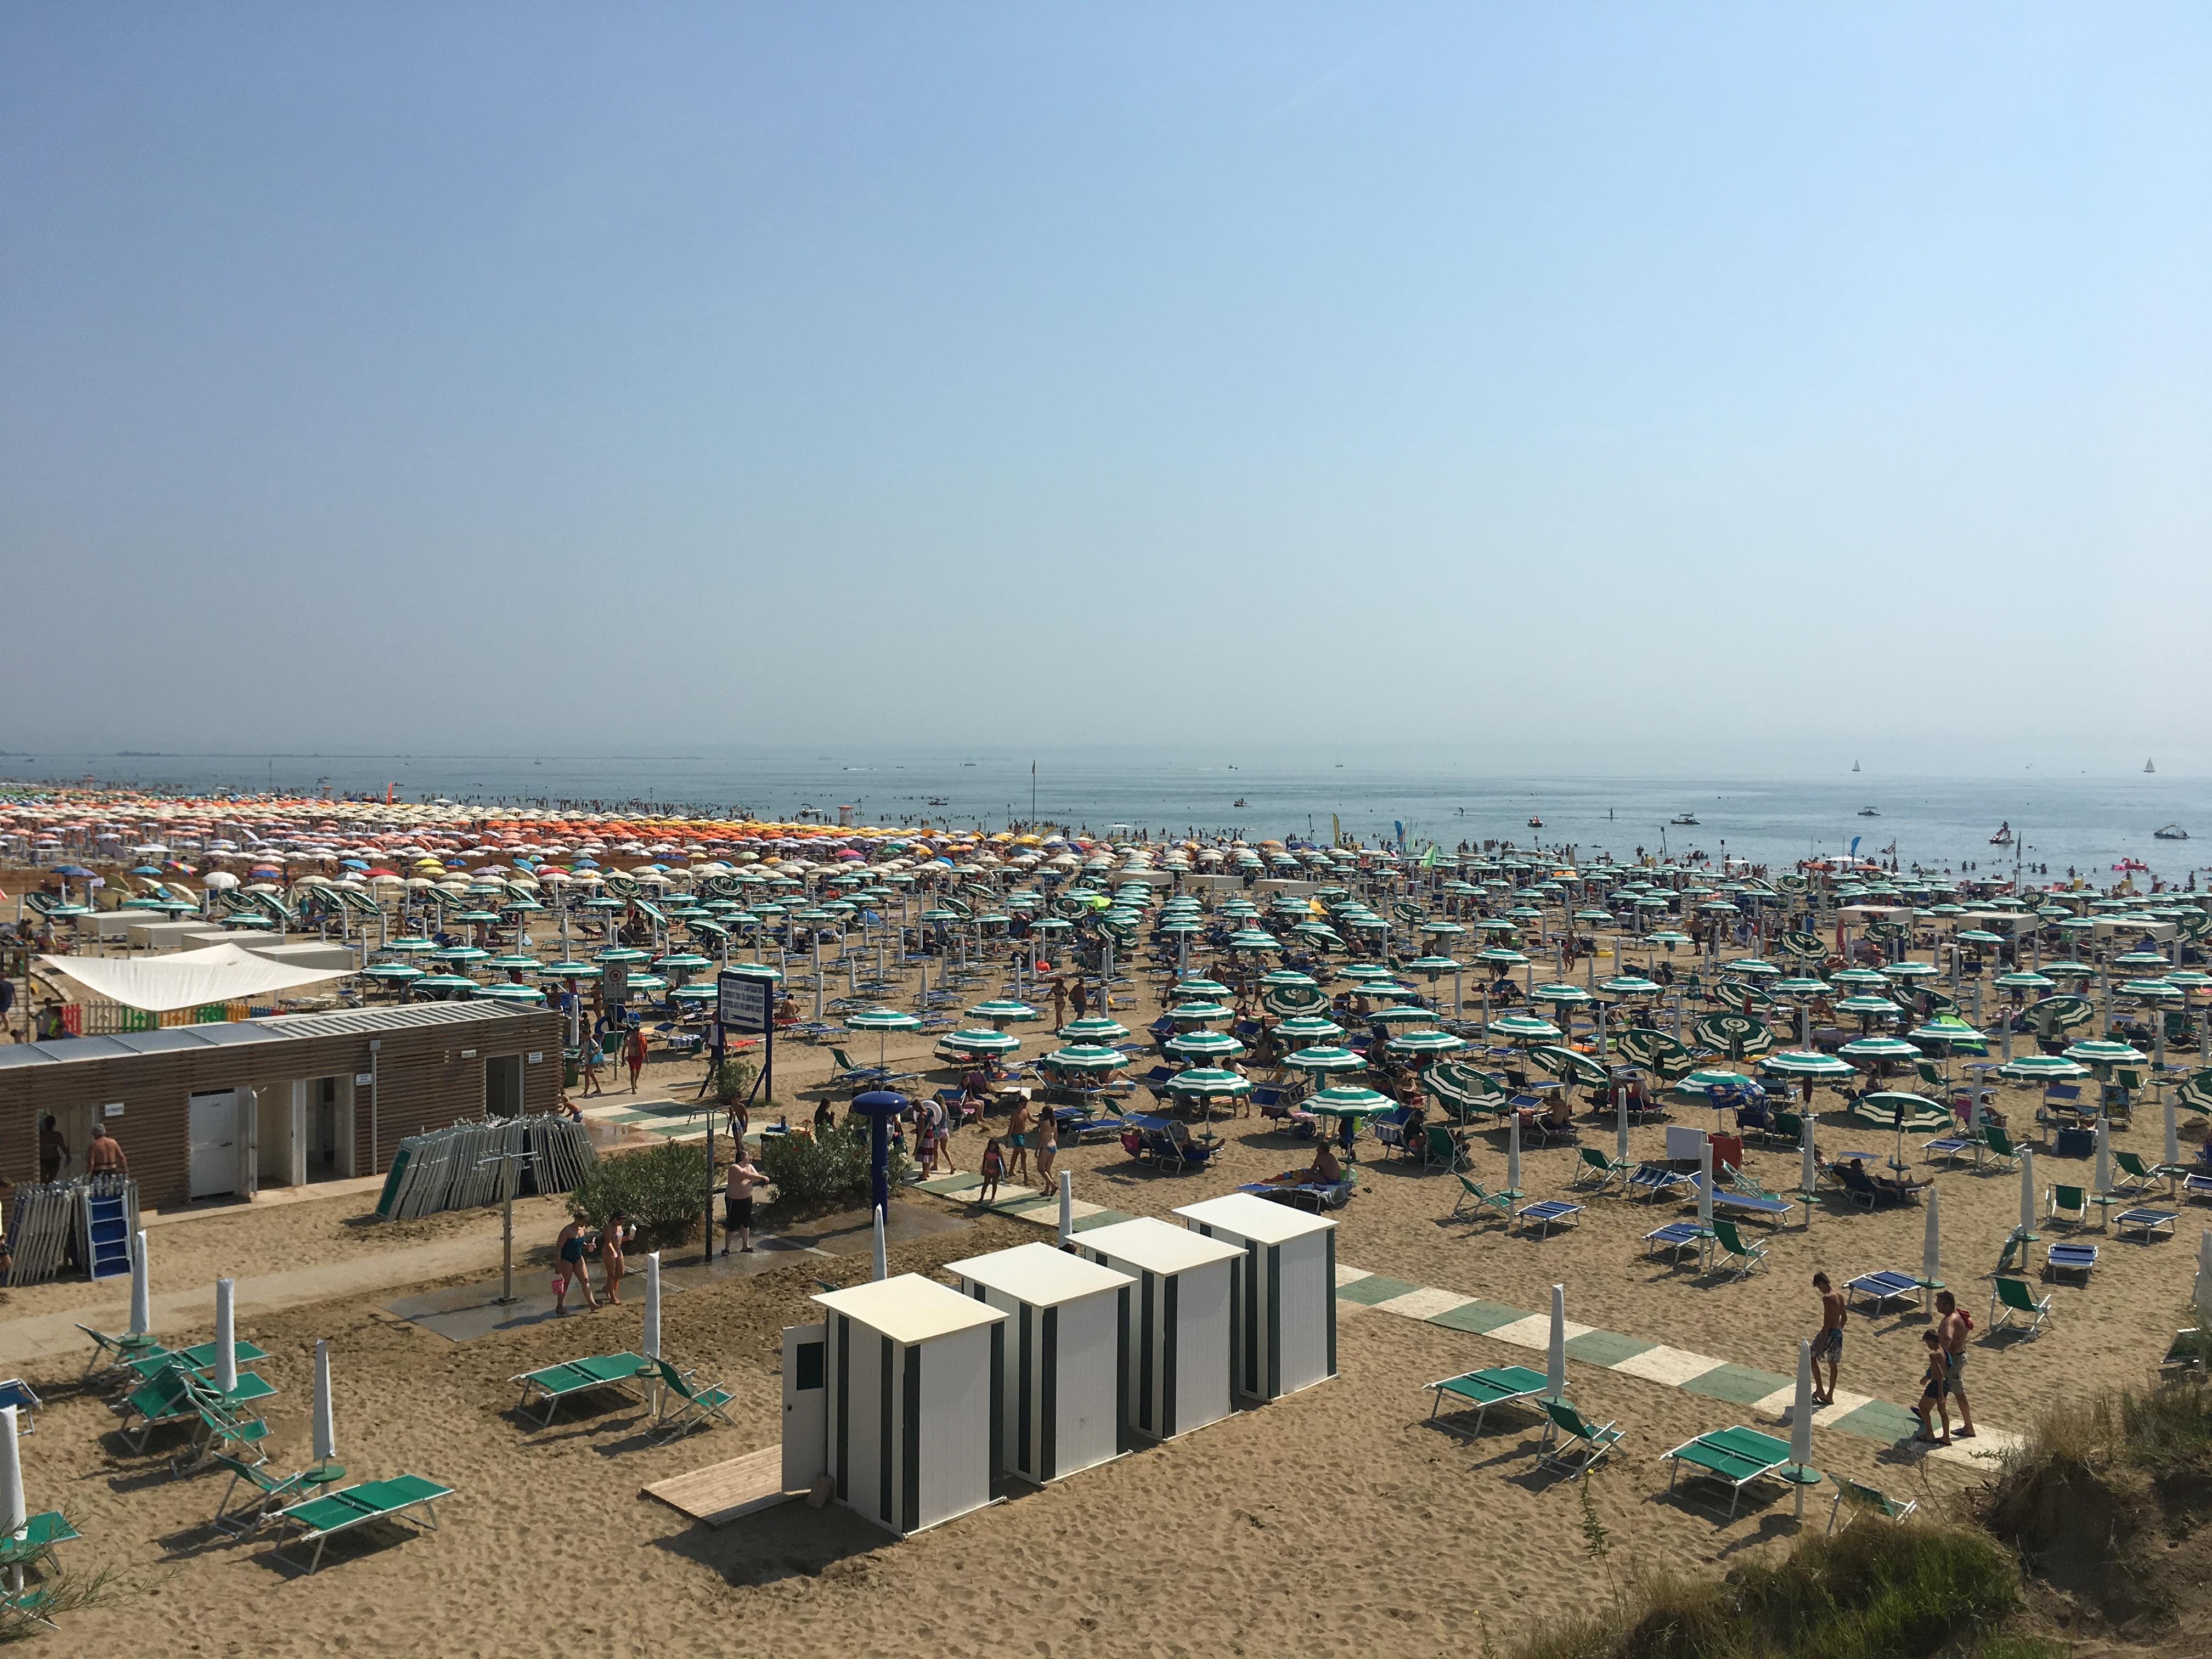 Unzählige Strandliegen an der italienischen Adria in Lignano Sabbiadoro